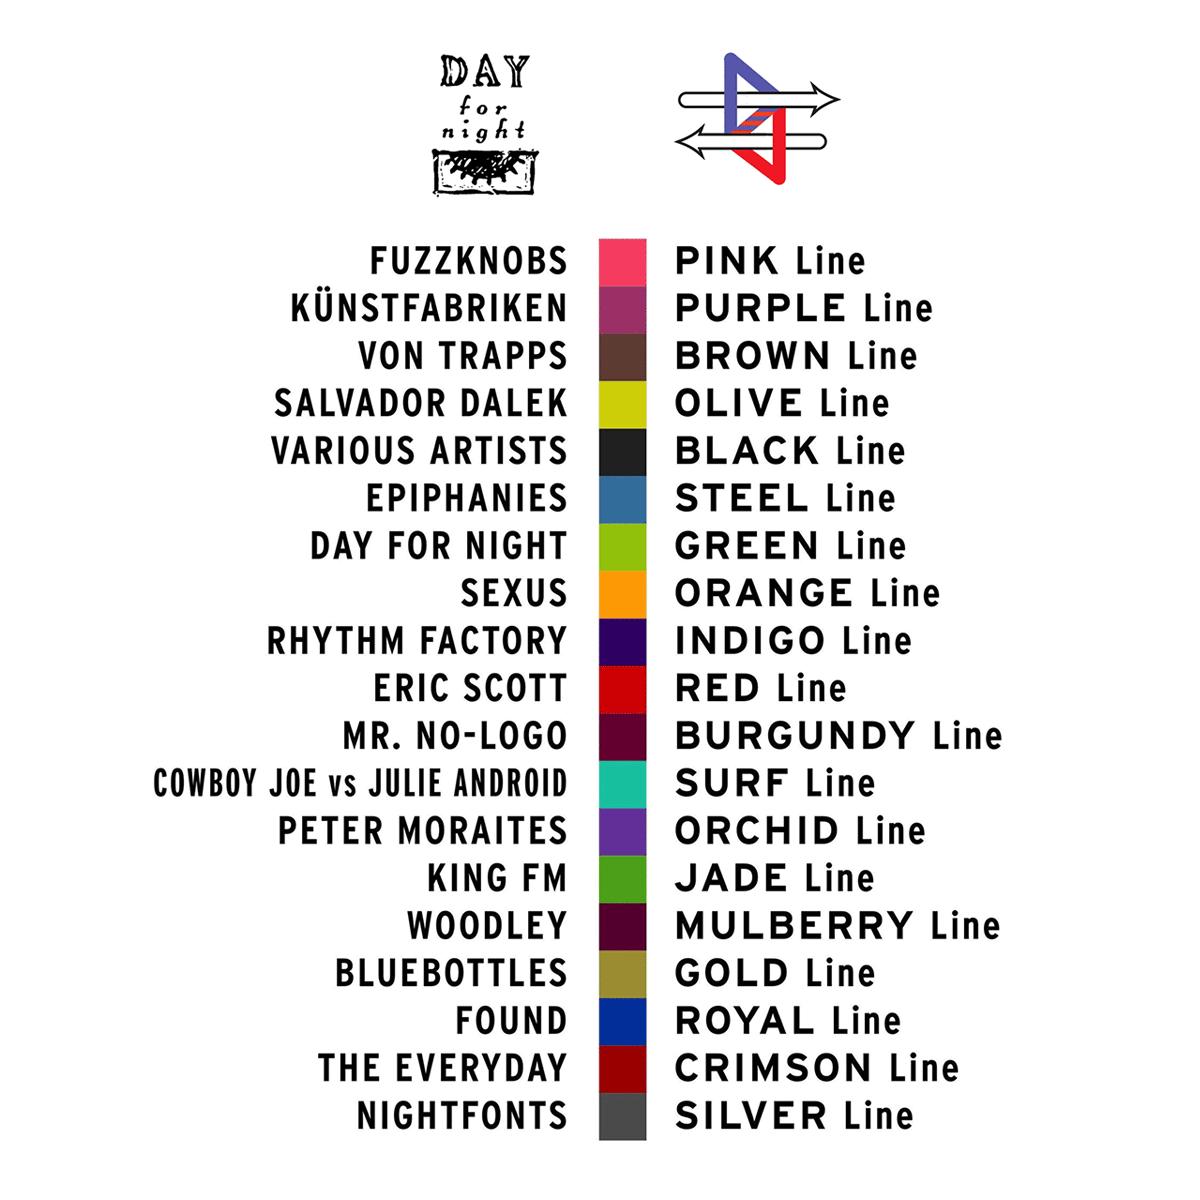 Kuler-Color-Bars---Color-Keys-Day-For-Night-Label-vs-NIGHTlinkRailway-Transit-Line-Network